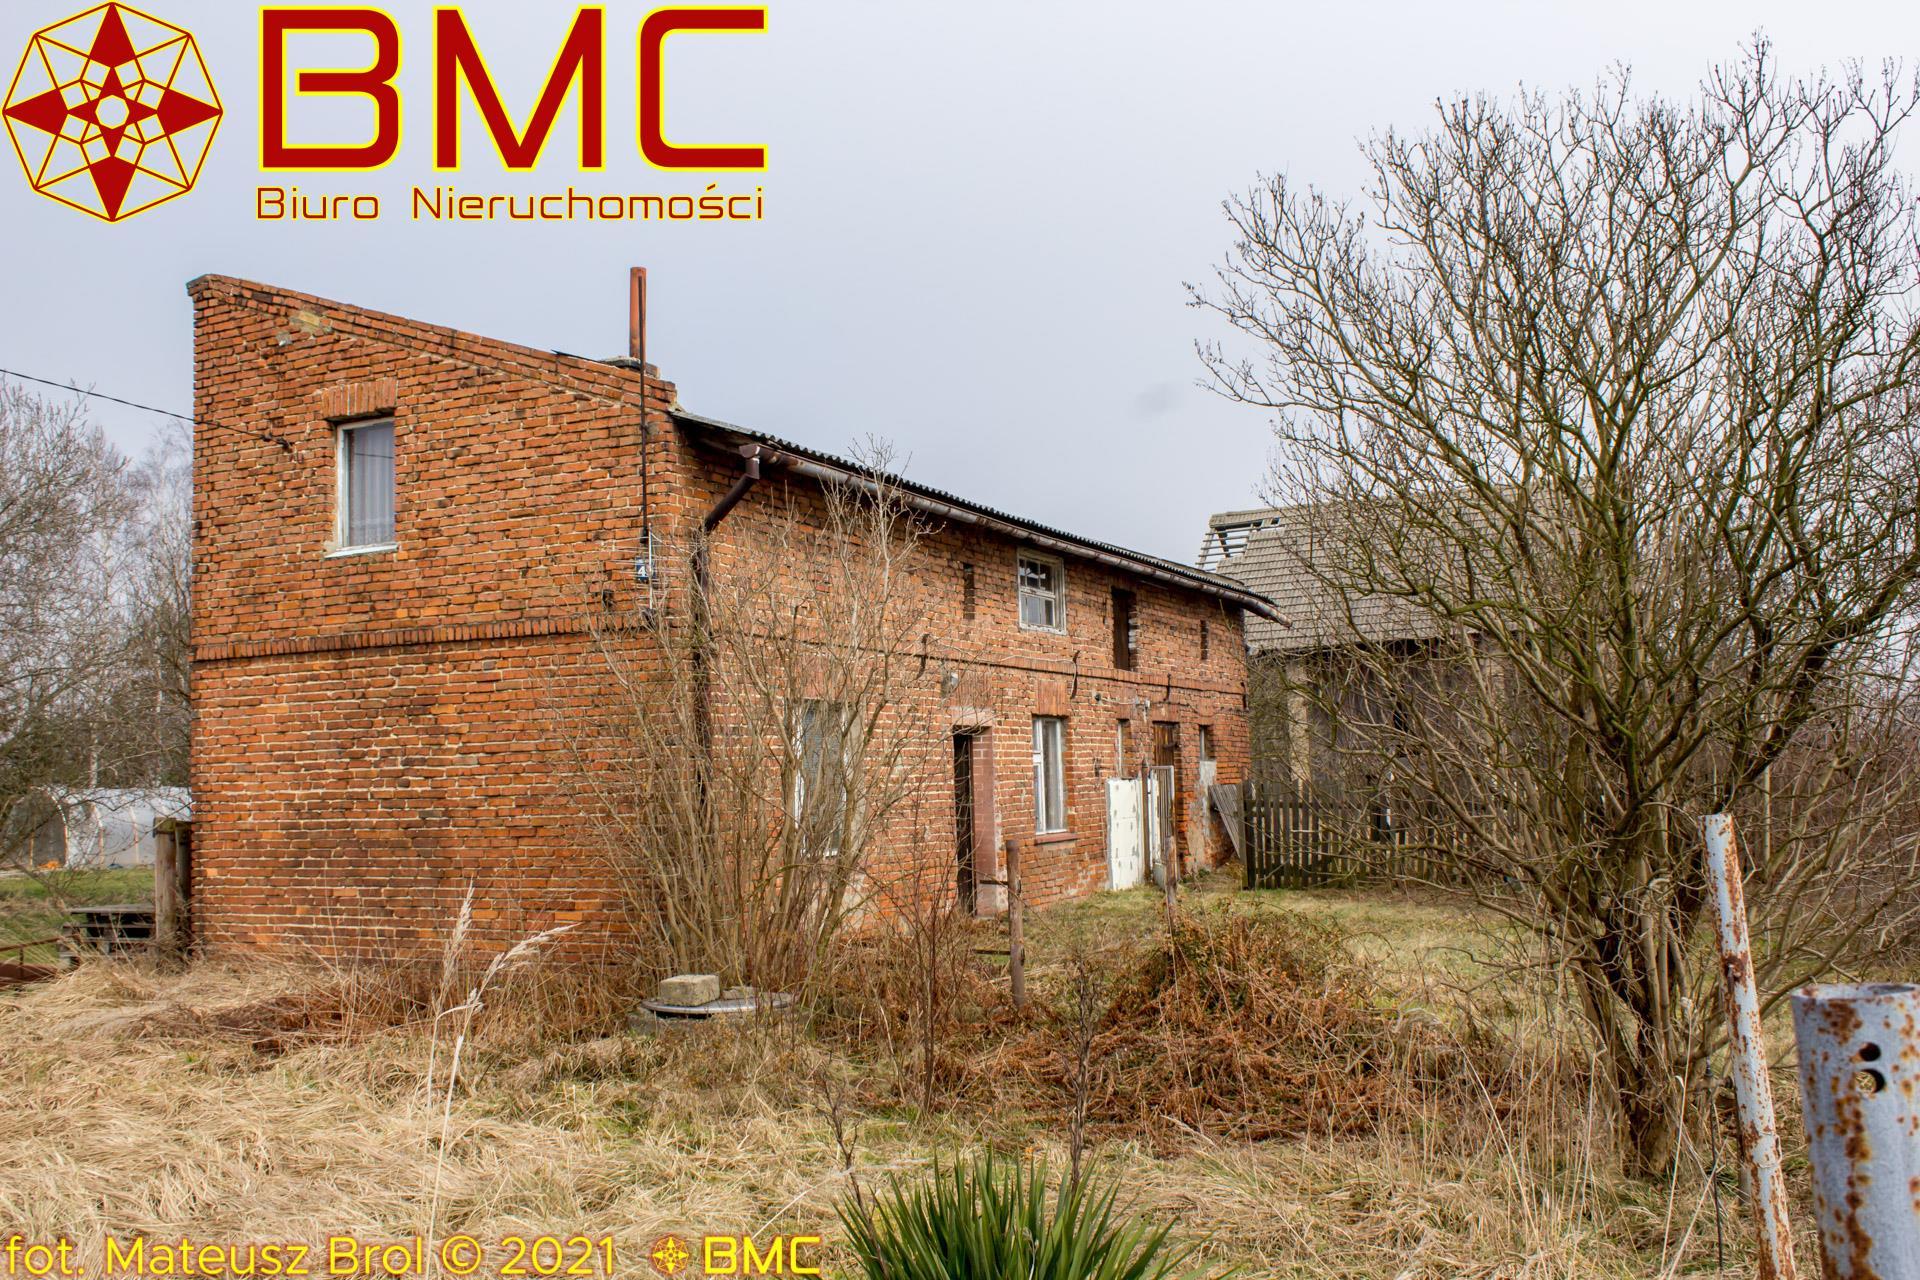 Nieruchomość Dom sprzedaż Kochcice Powojenny dom z czerwonej cegły w Kochcicach1